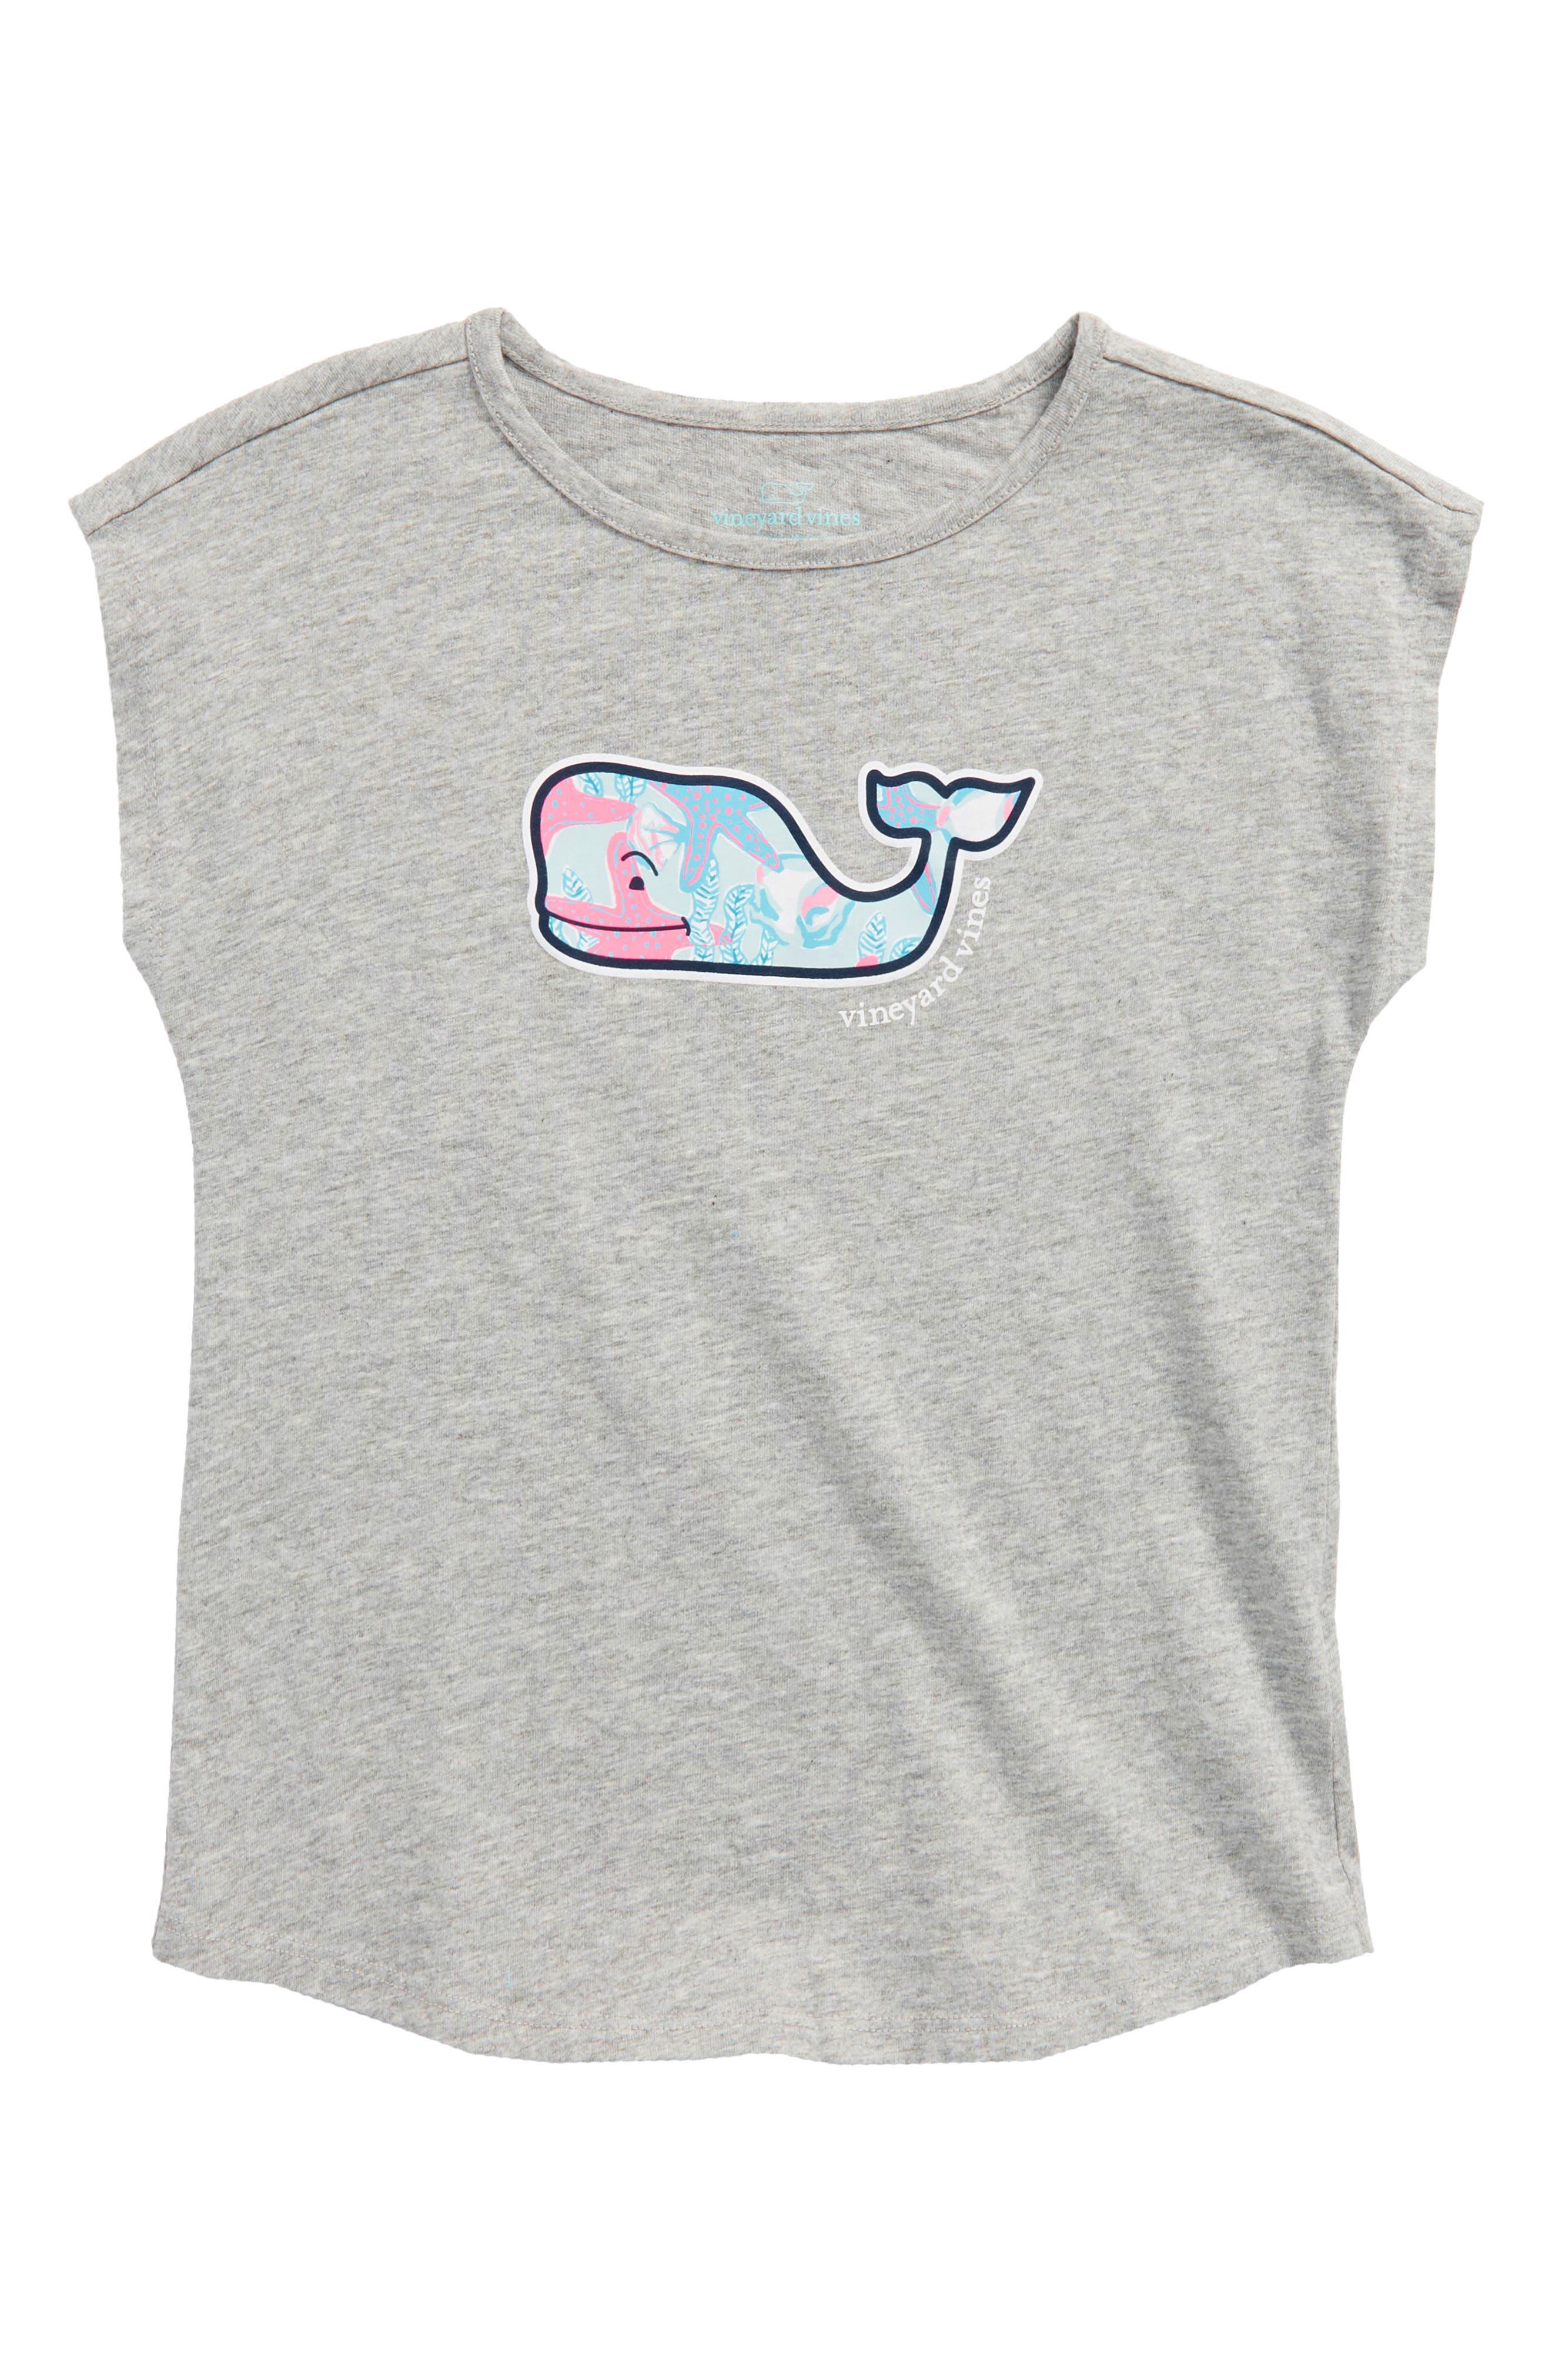 vineyard vines Starfish Whale Graphic Tee (Toddler Girls)